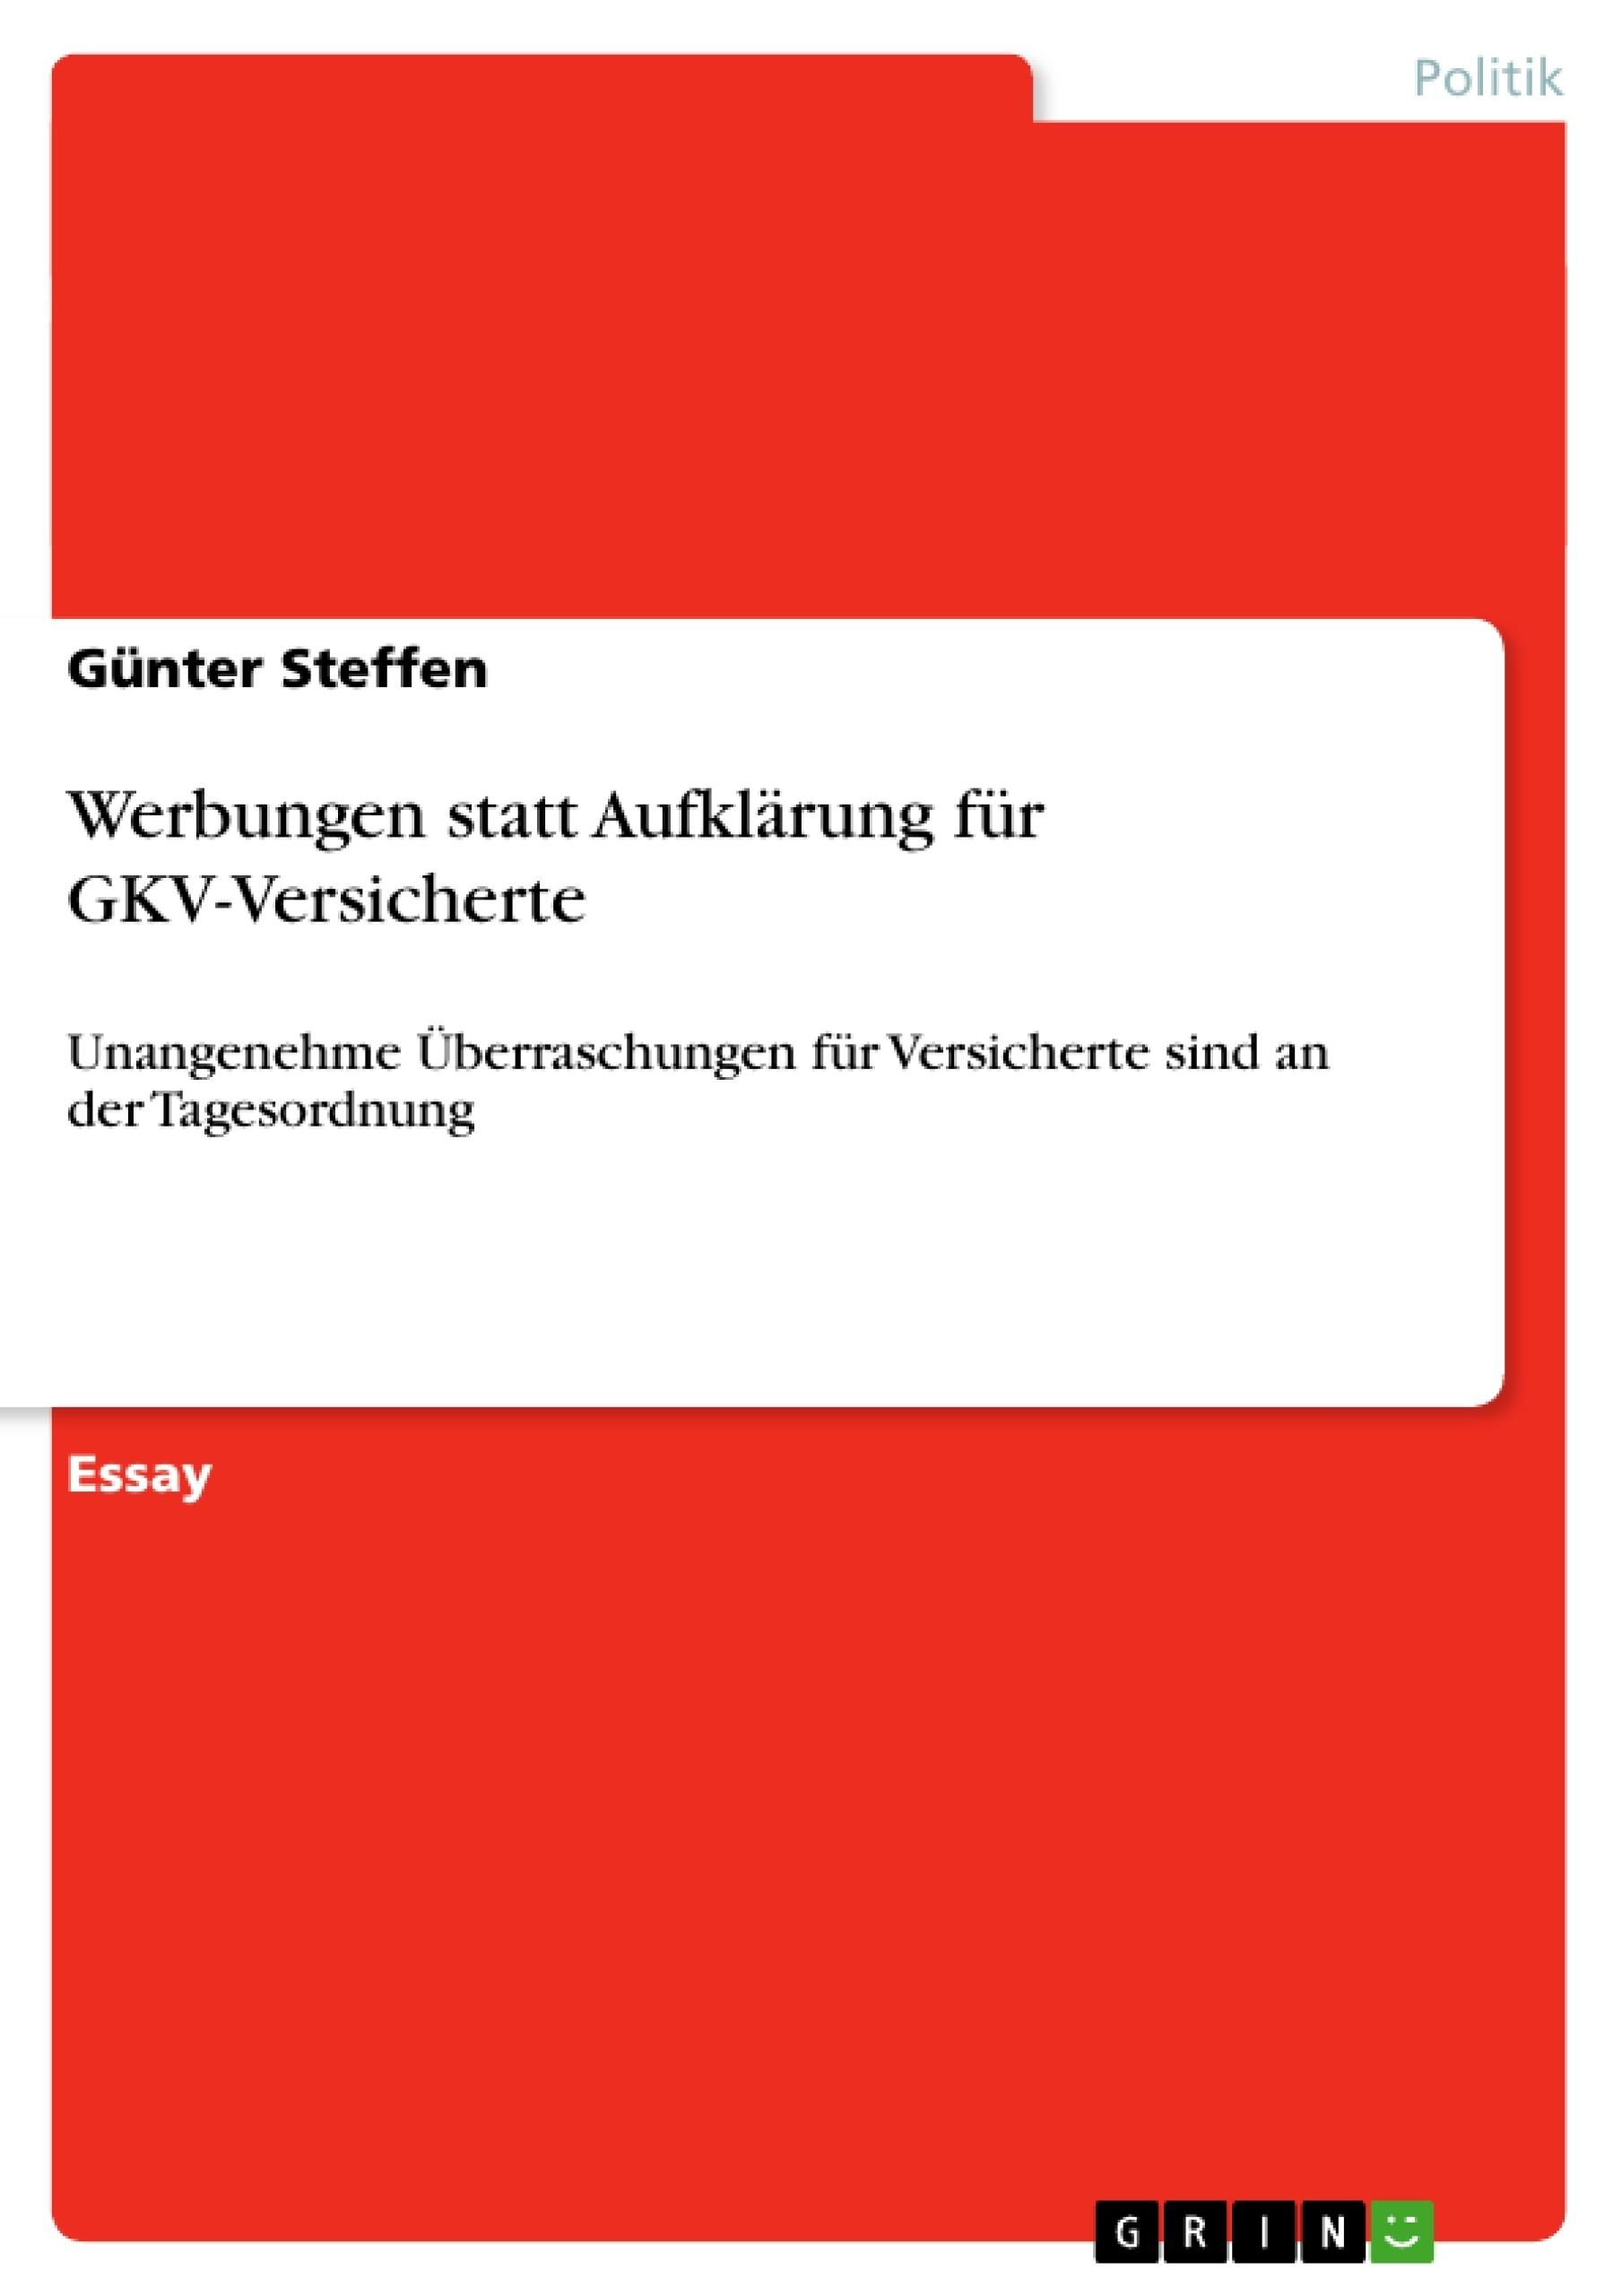 Titel: Werbungen statt Aufklärung für GKV-Versicherte